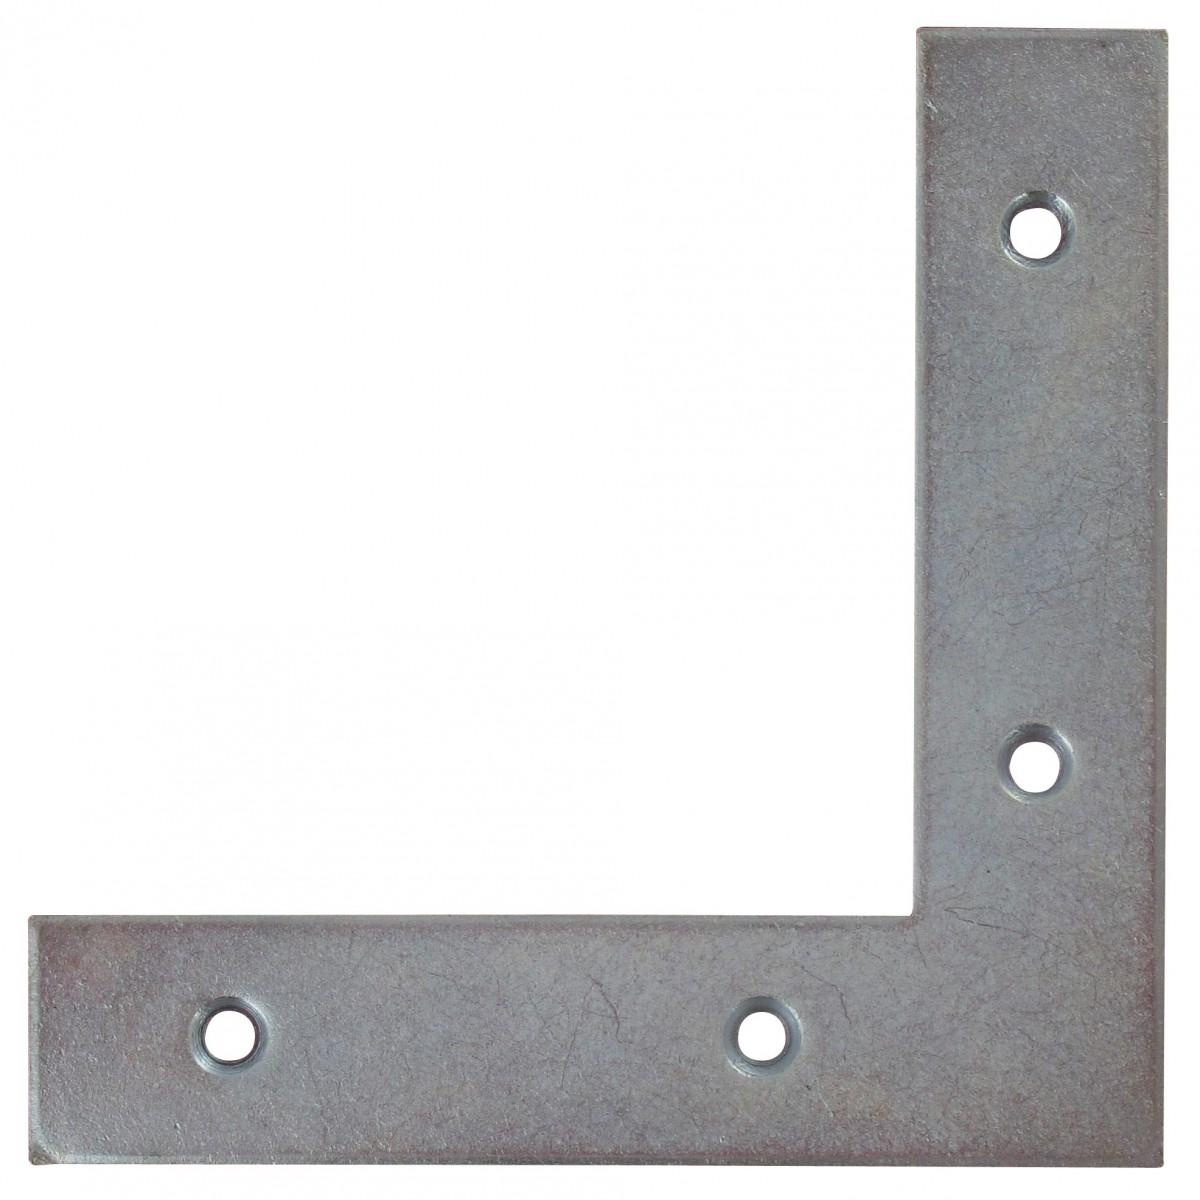 Equerre de fenêtre bouts carrés acier zingué Jardinier Massard - Dimensions 14 x 14 cm